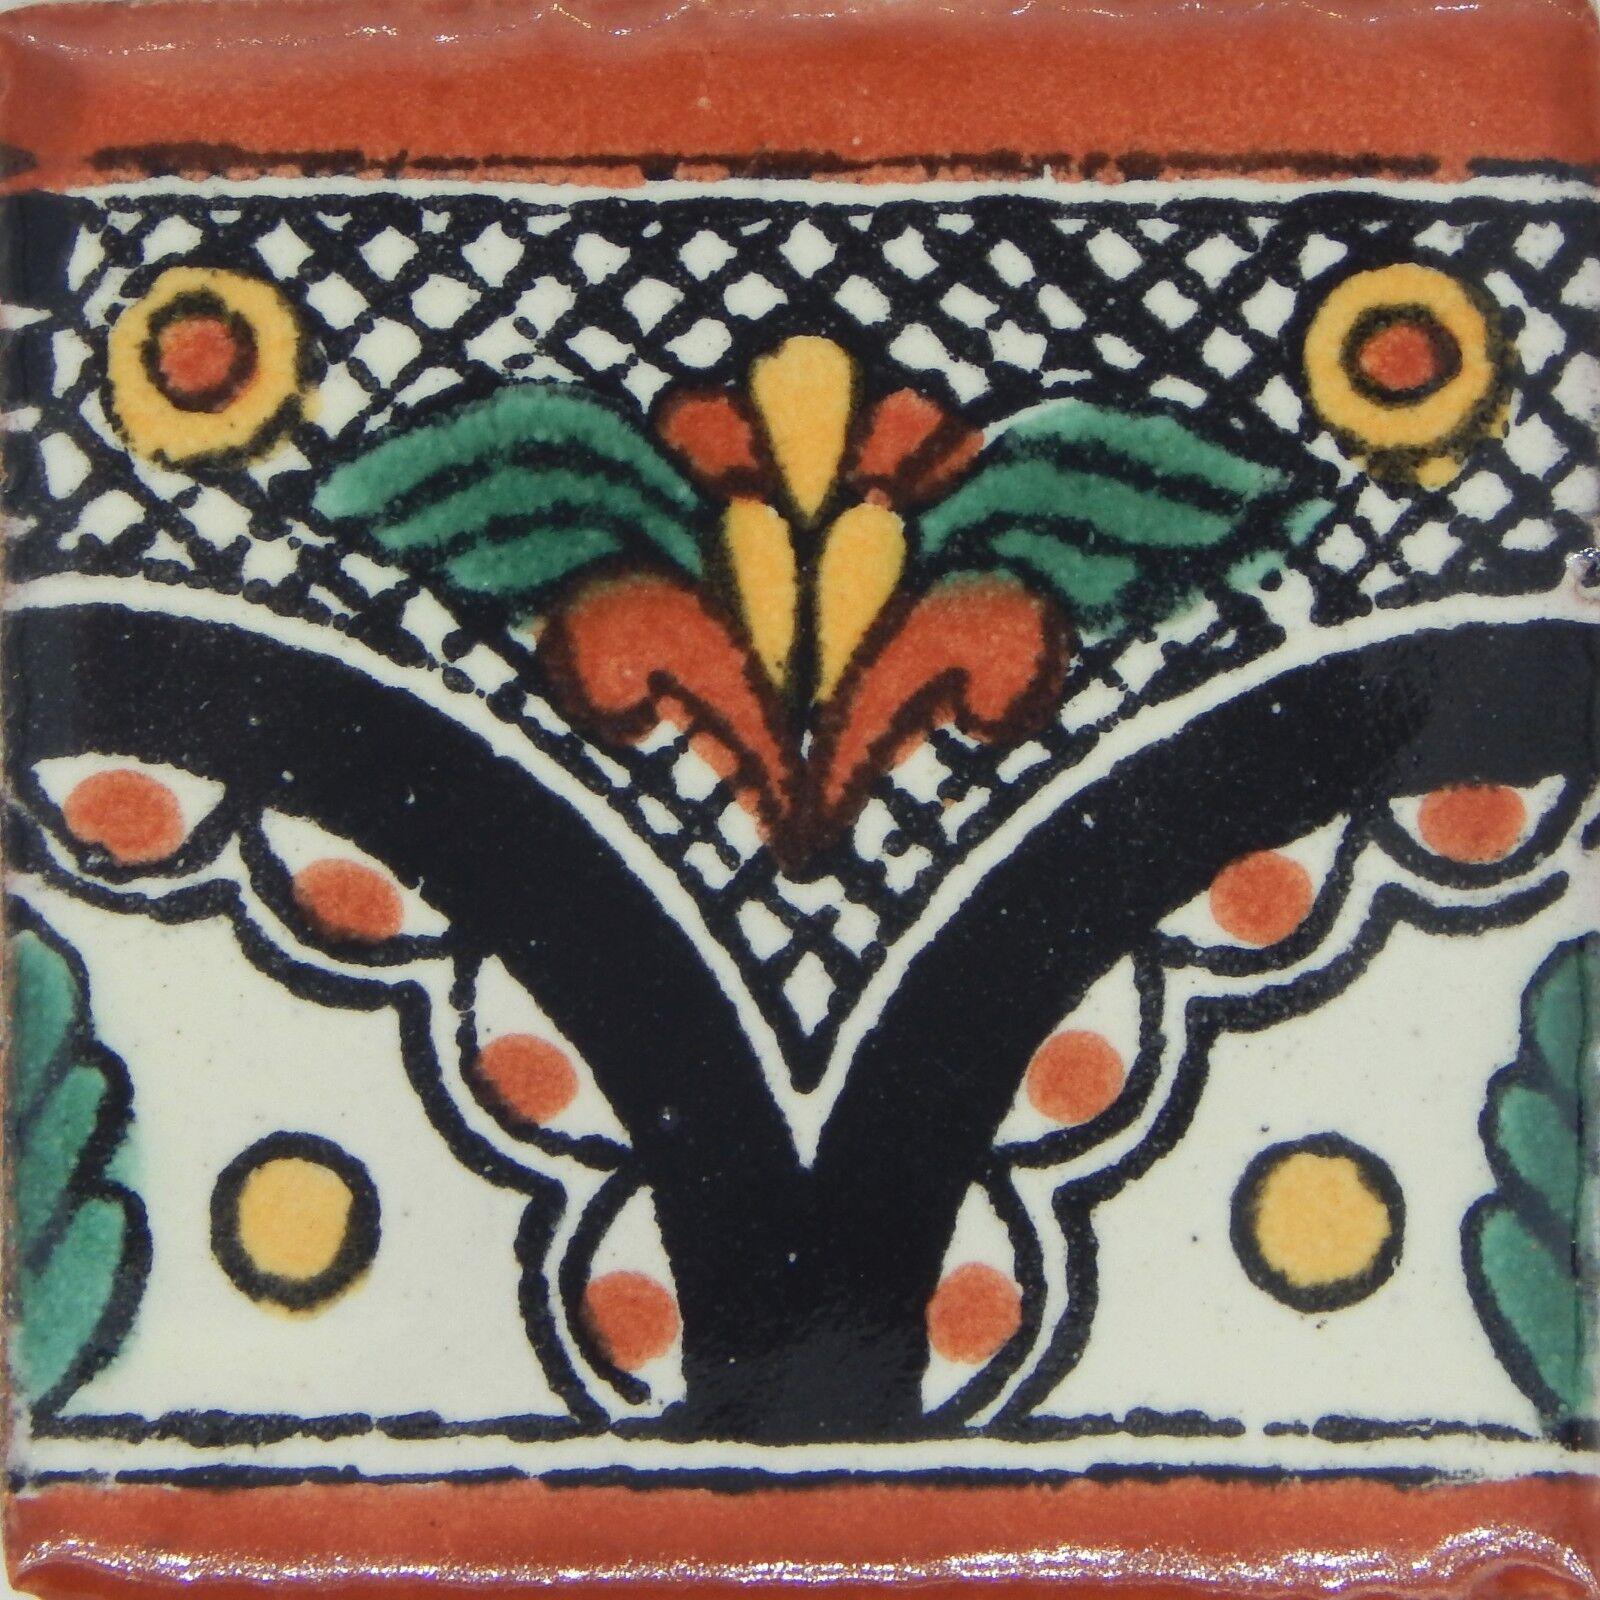 100 MEXICAN TALAVERA  TILE 2x2